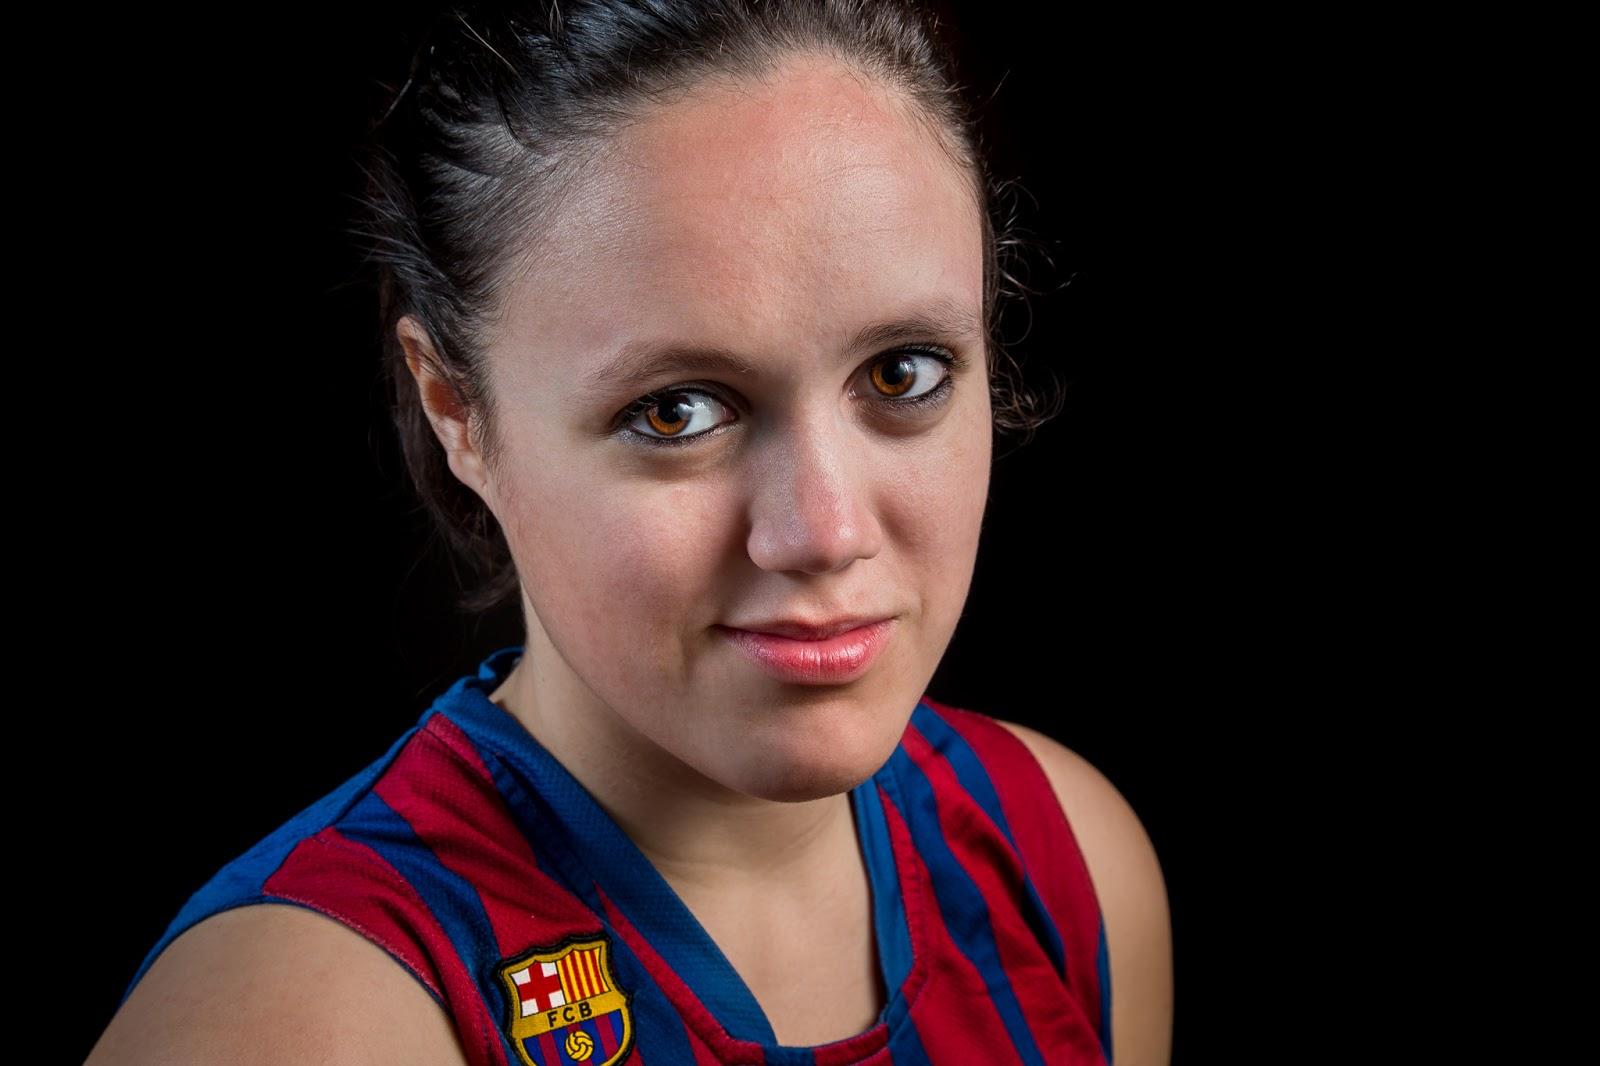 PROCESADO ESCOGIDO :: Ari 19 - CBS Barça Senior Femenino A - 2013 :: Canon EOS 5D MkIII | ISO100 | Canon 24-105 @50mm | f/11 | 1/60s